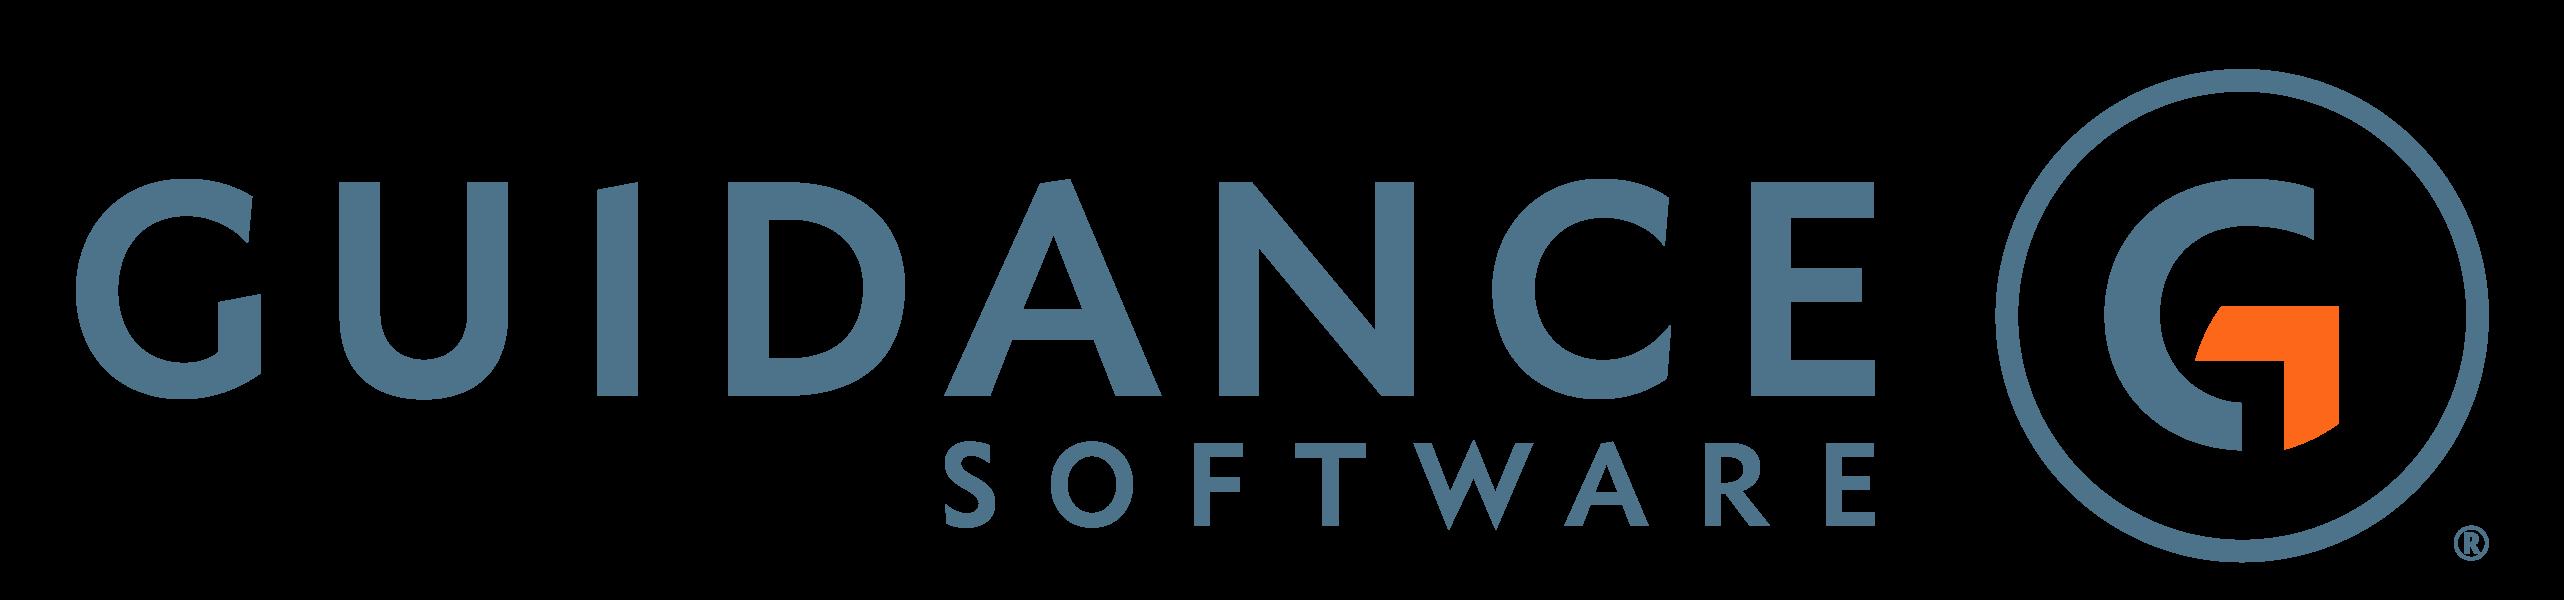 C3 Customer - Guidance Software